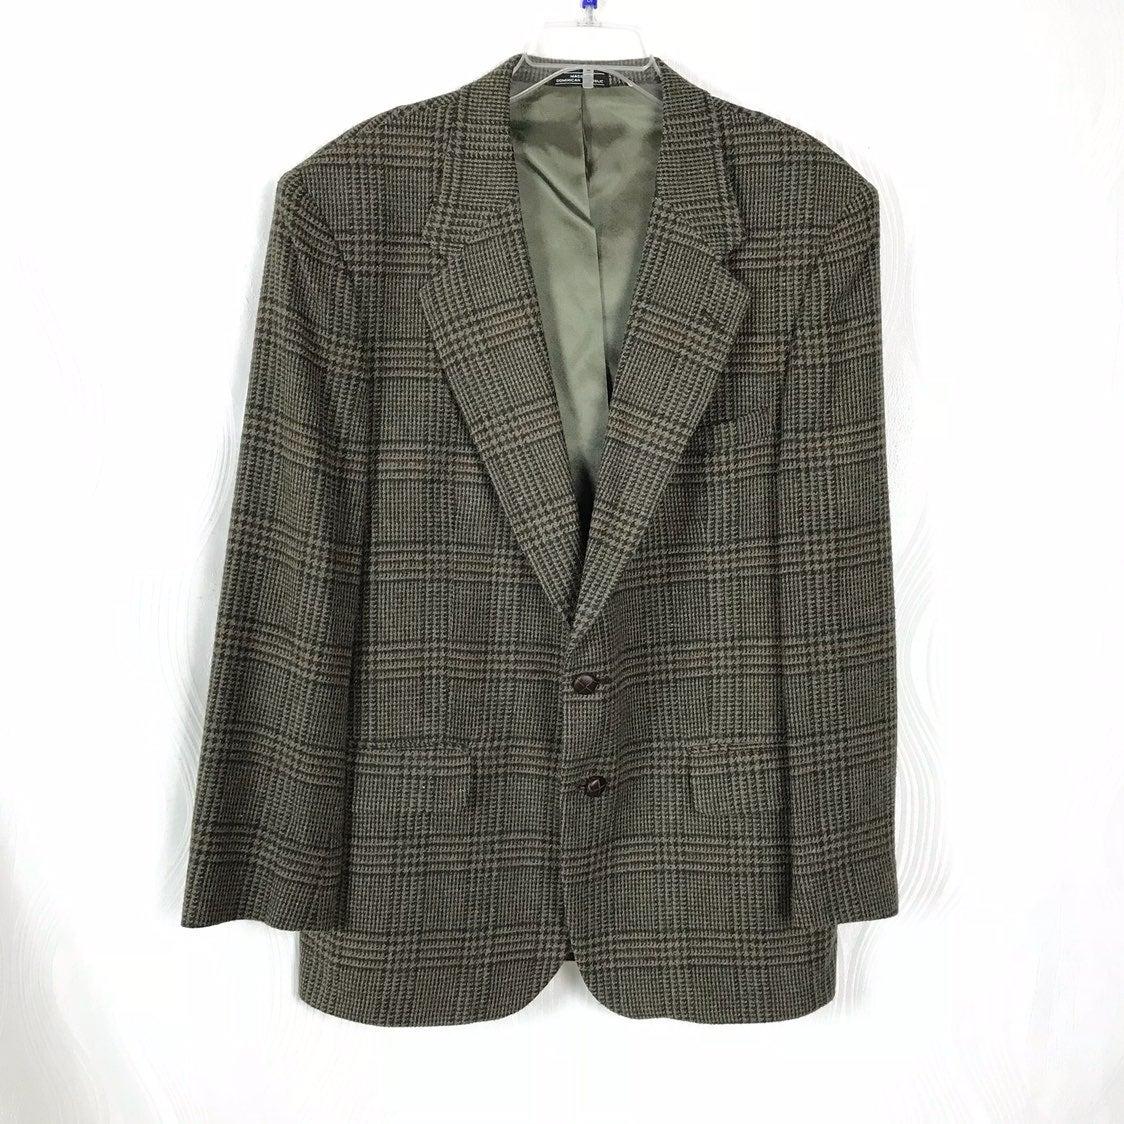 Saville Row Lambswool Blazer Suit Jacket